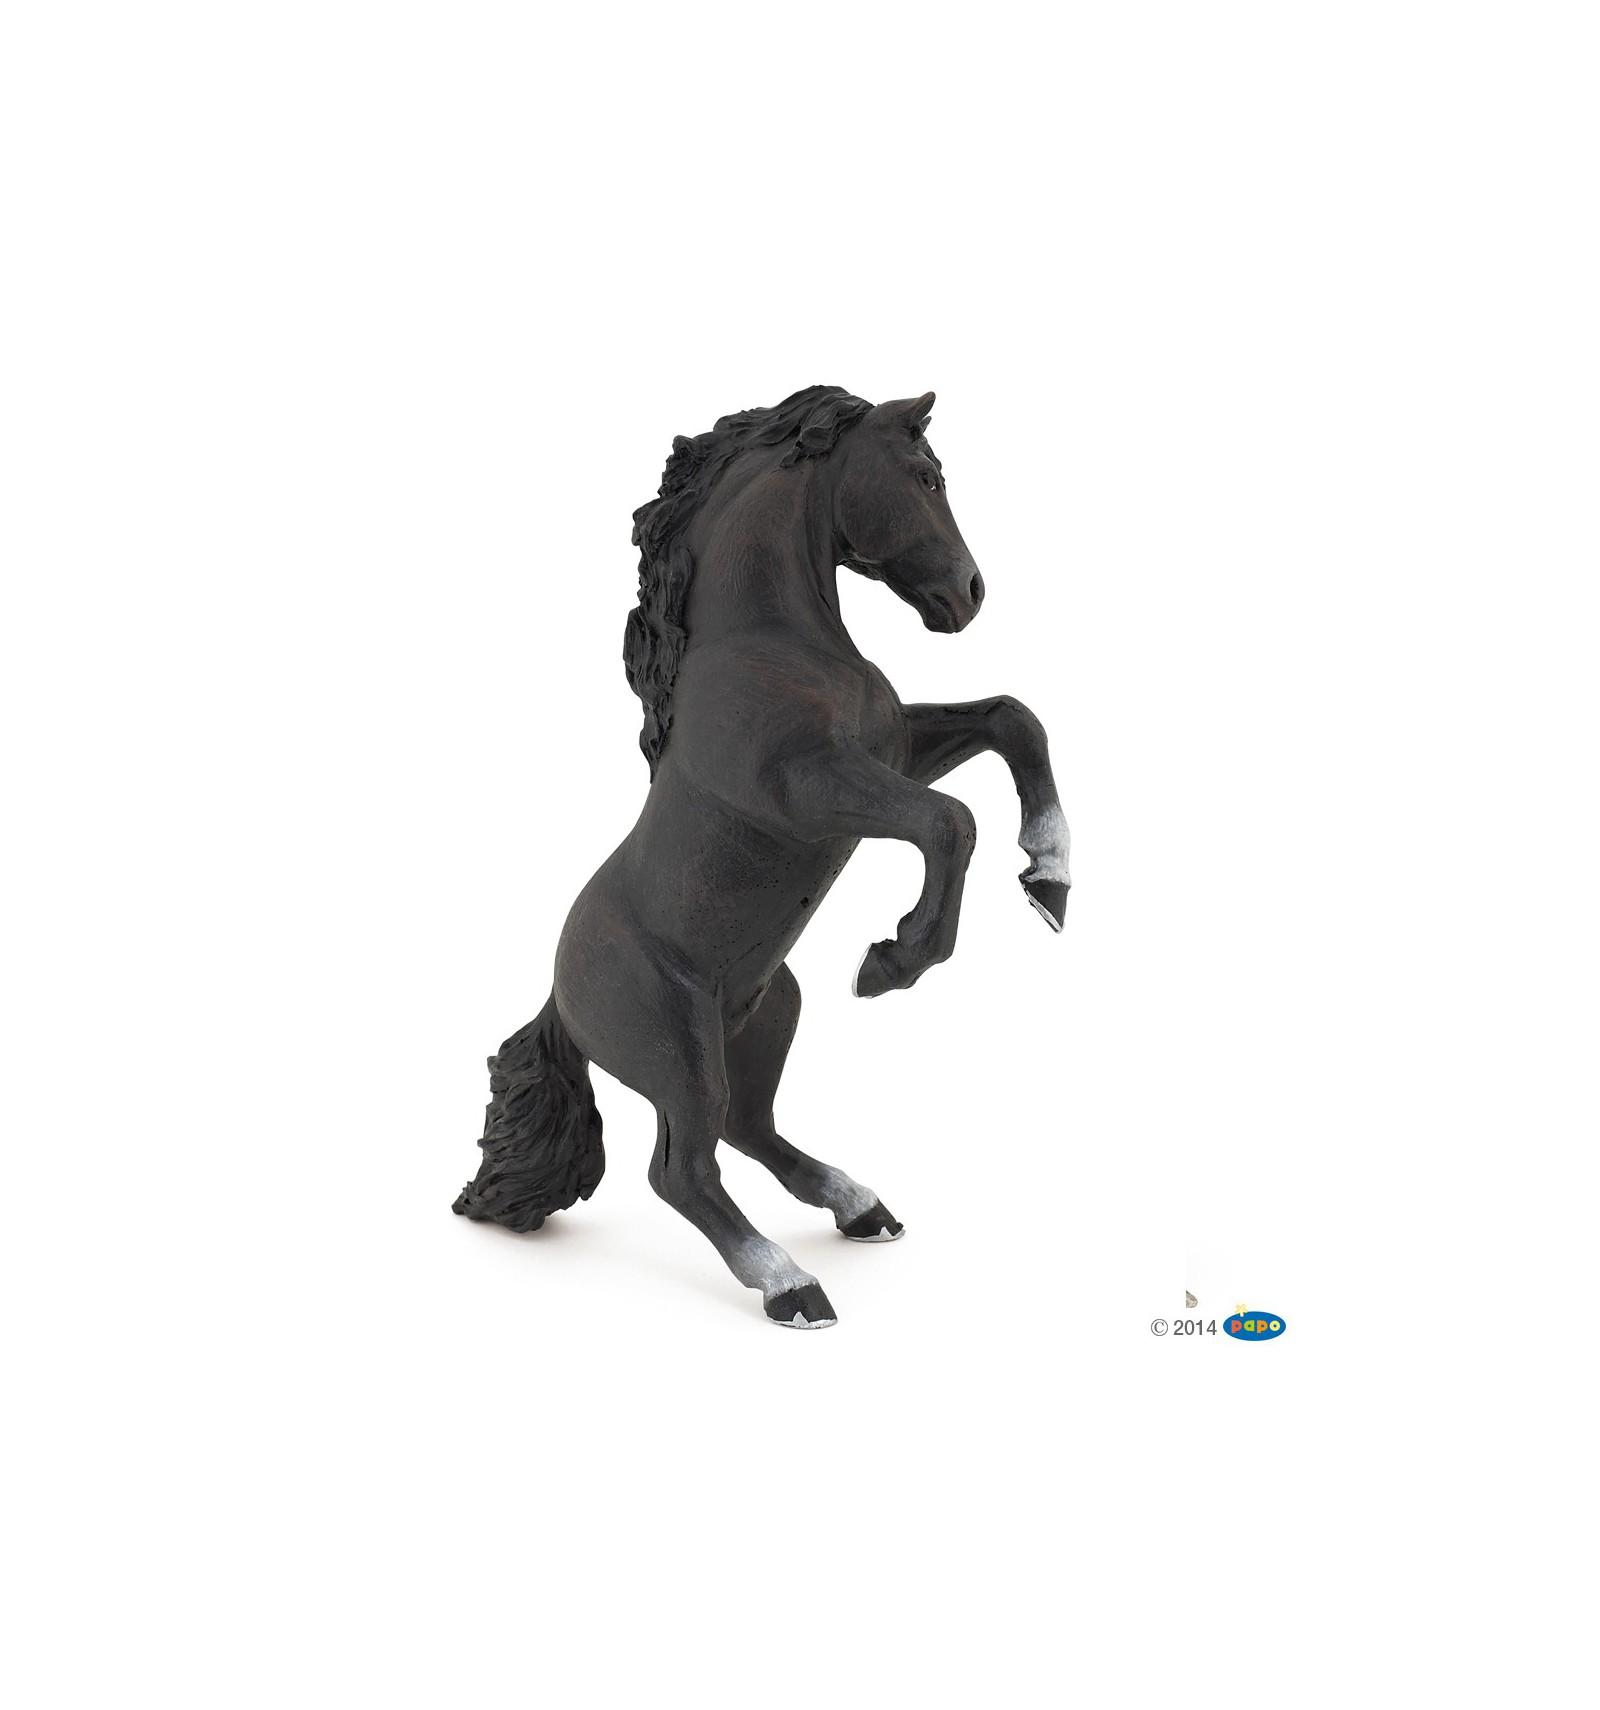 Inspirant dessin a imprimer de cheval qui se cabre - Cheval a imprimer noir et blanc ...